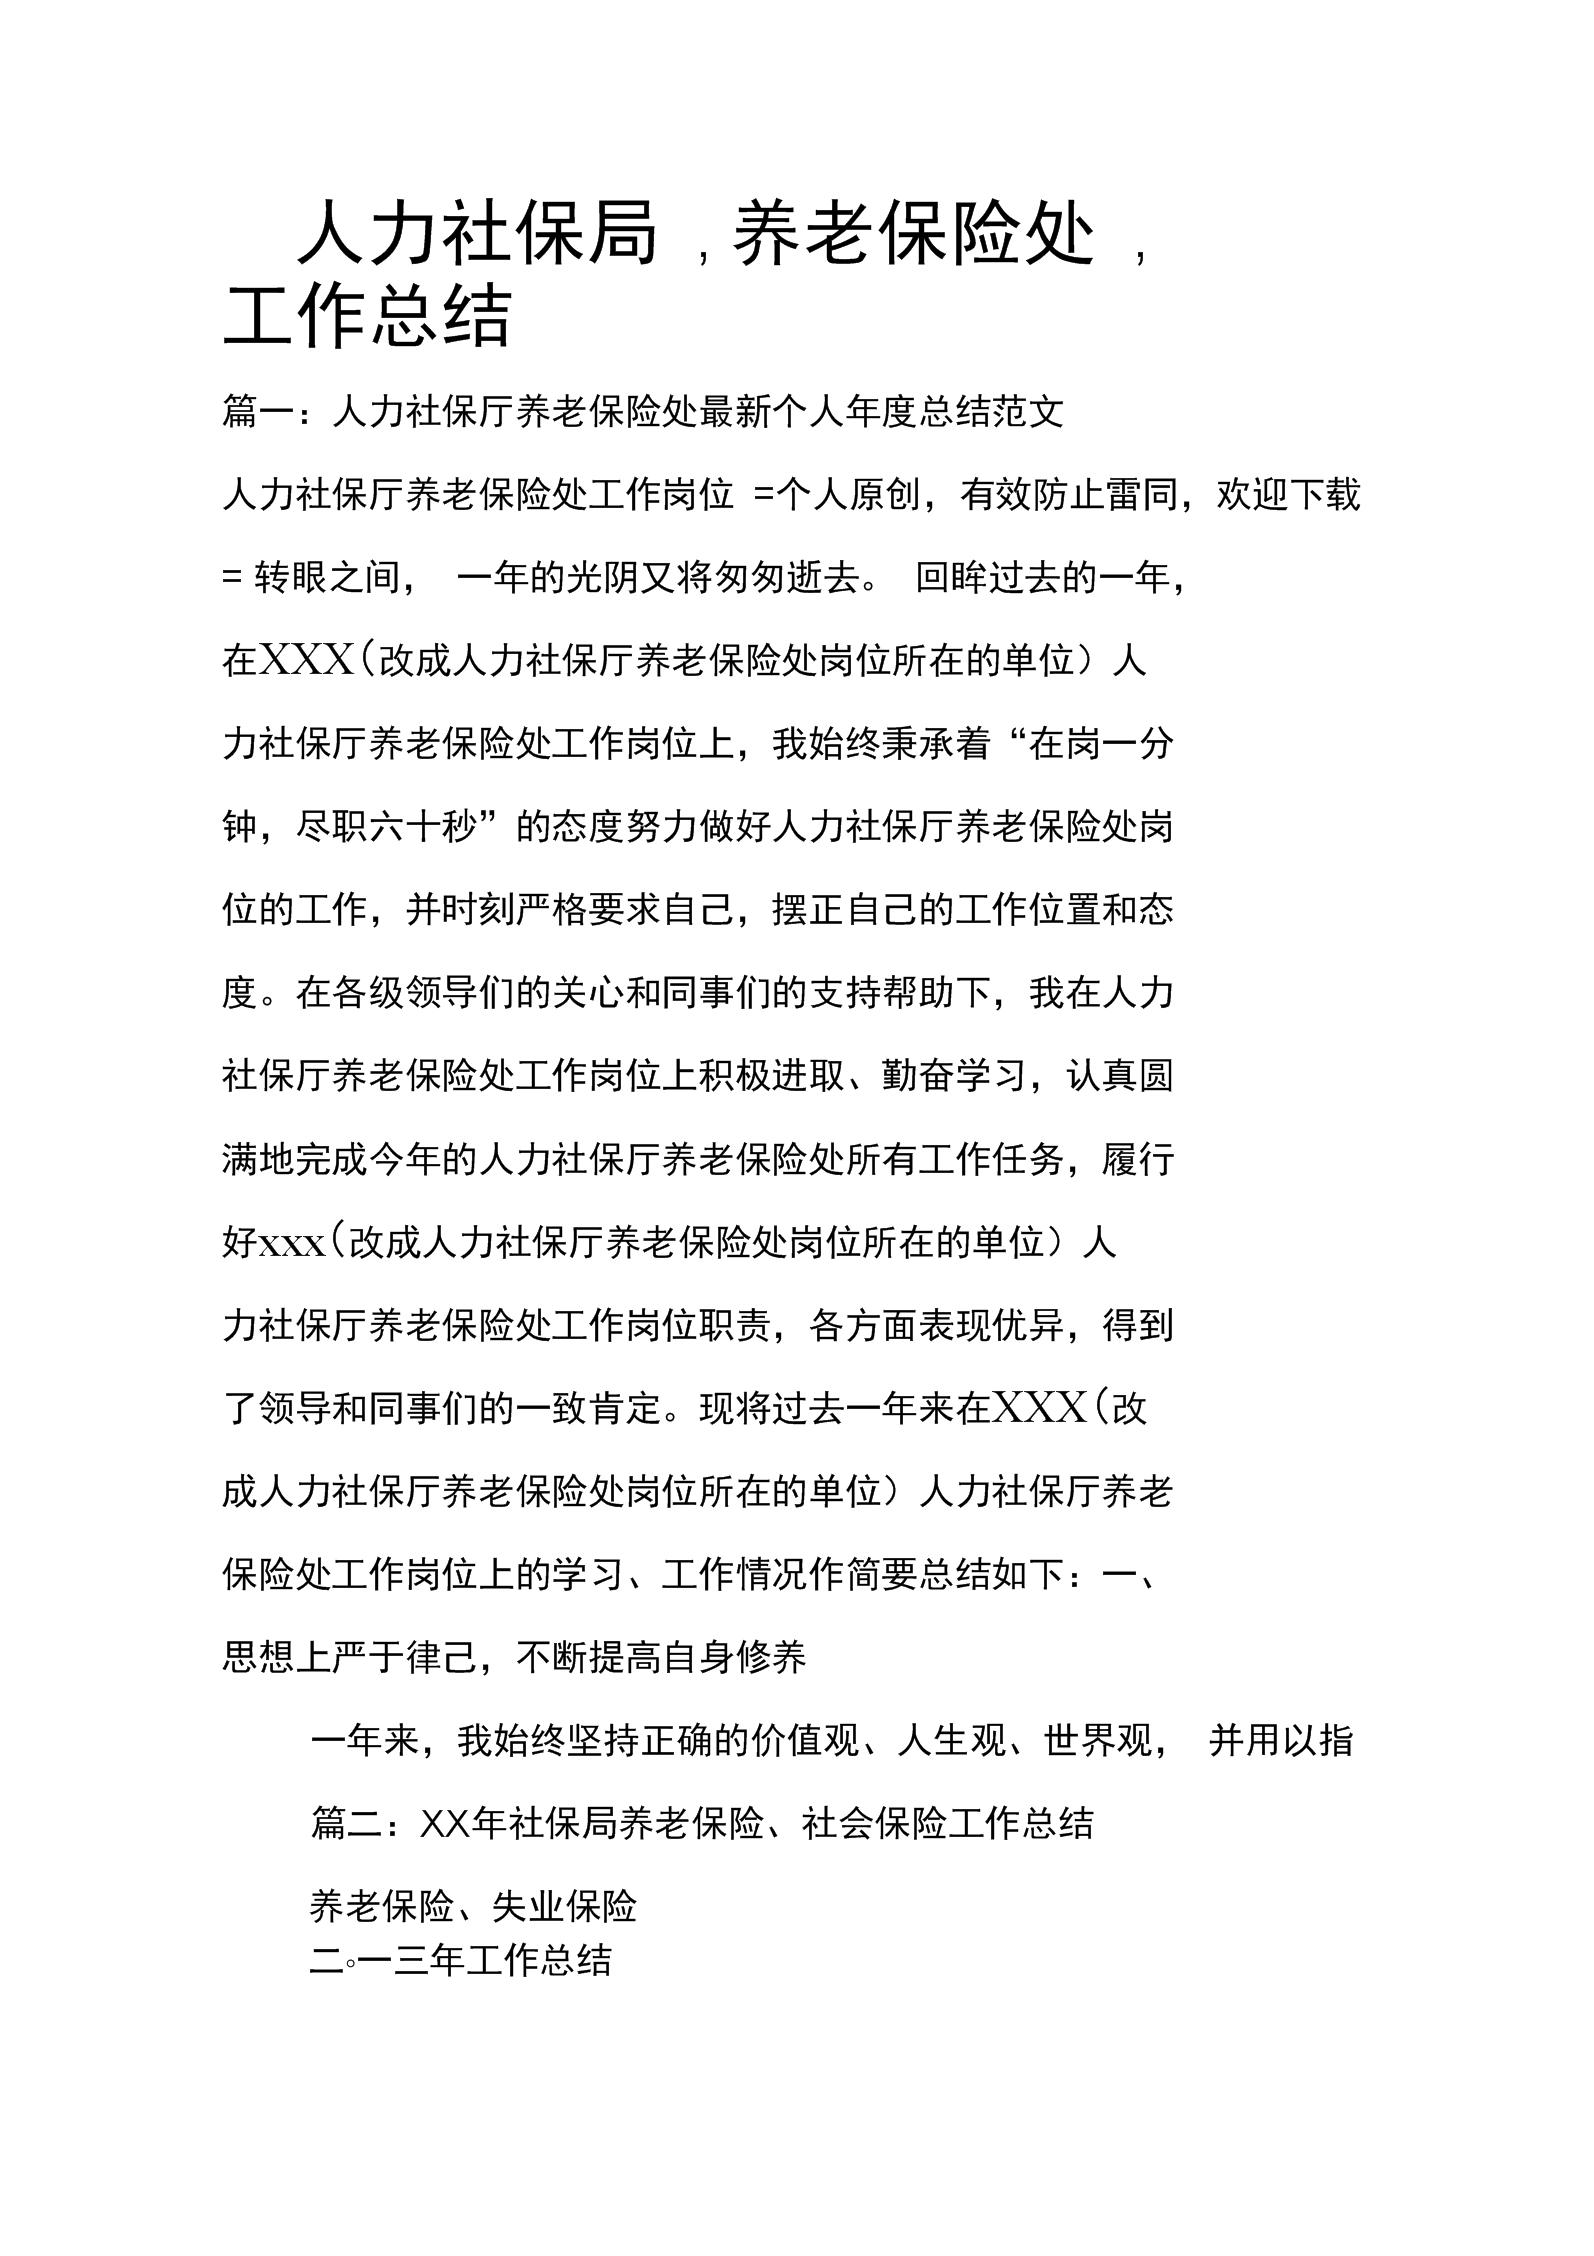 人力社保局,养老保险处,工作总结.docx